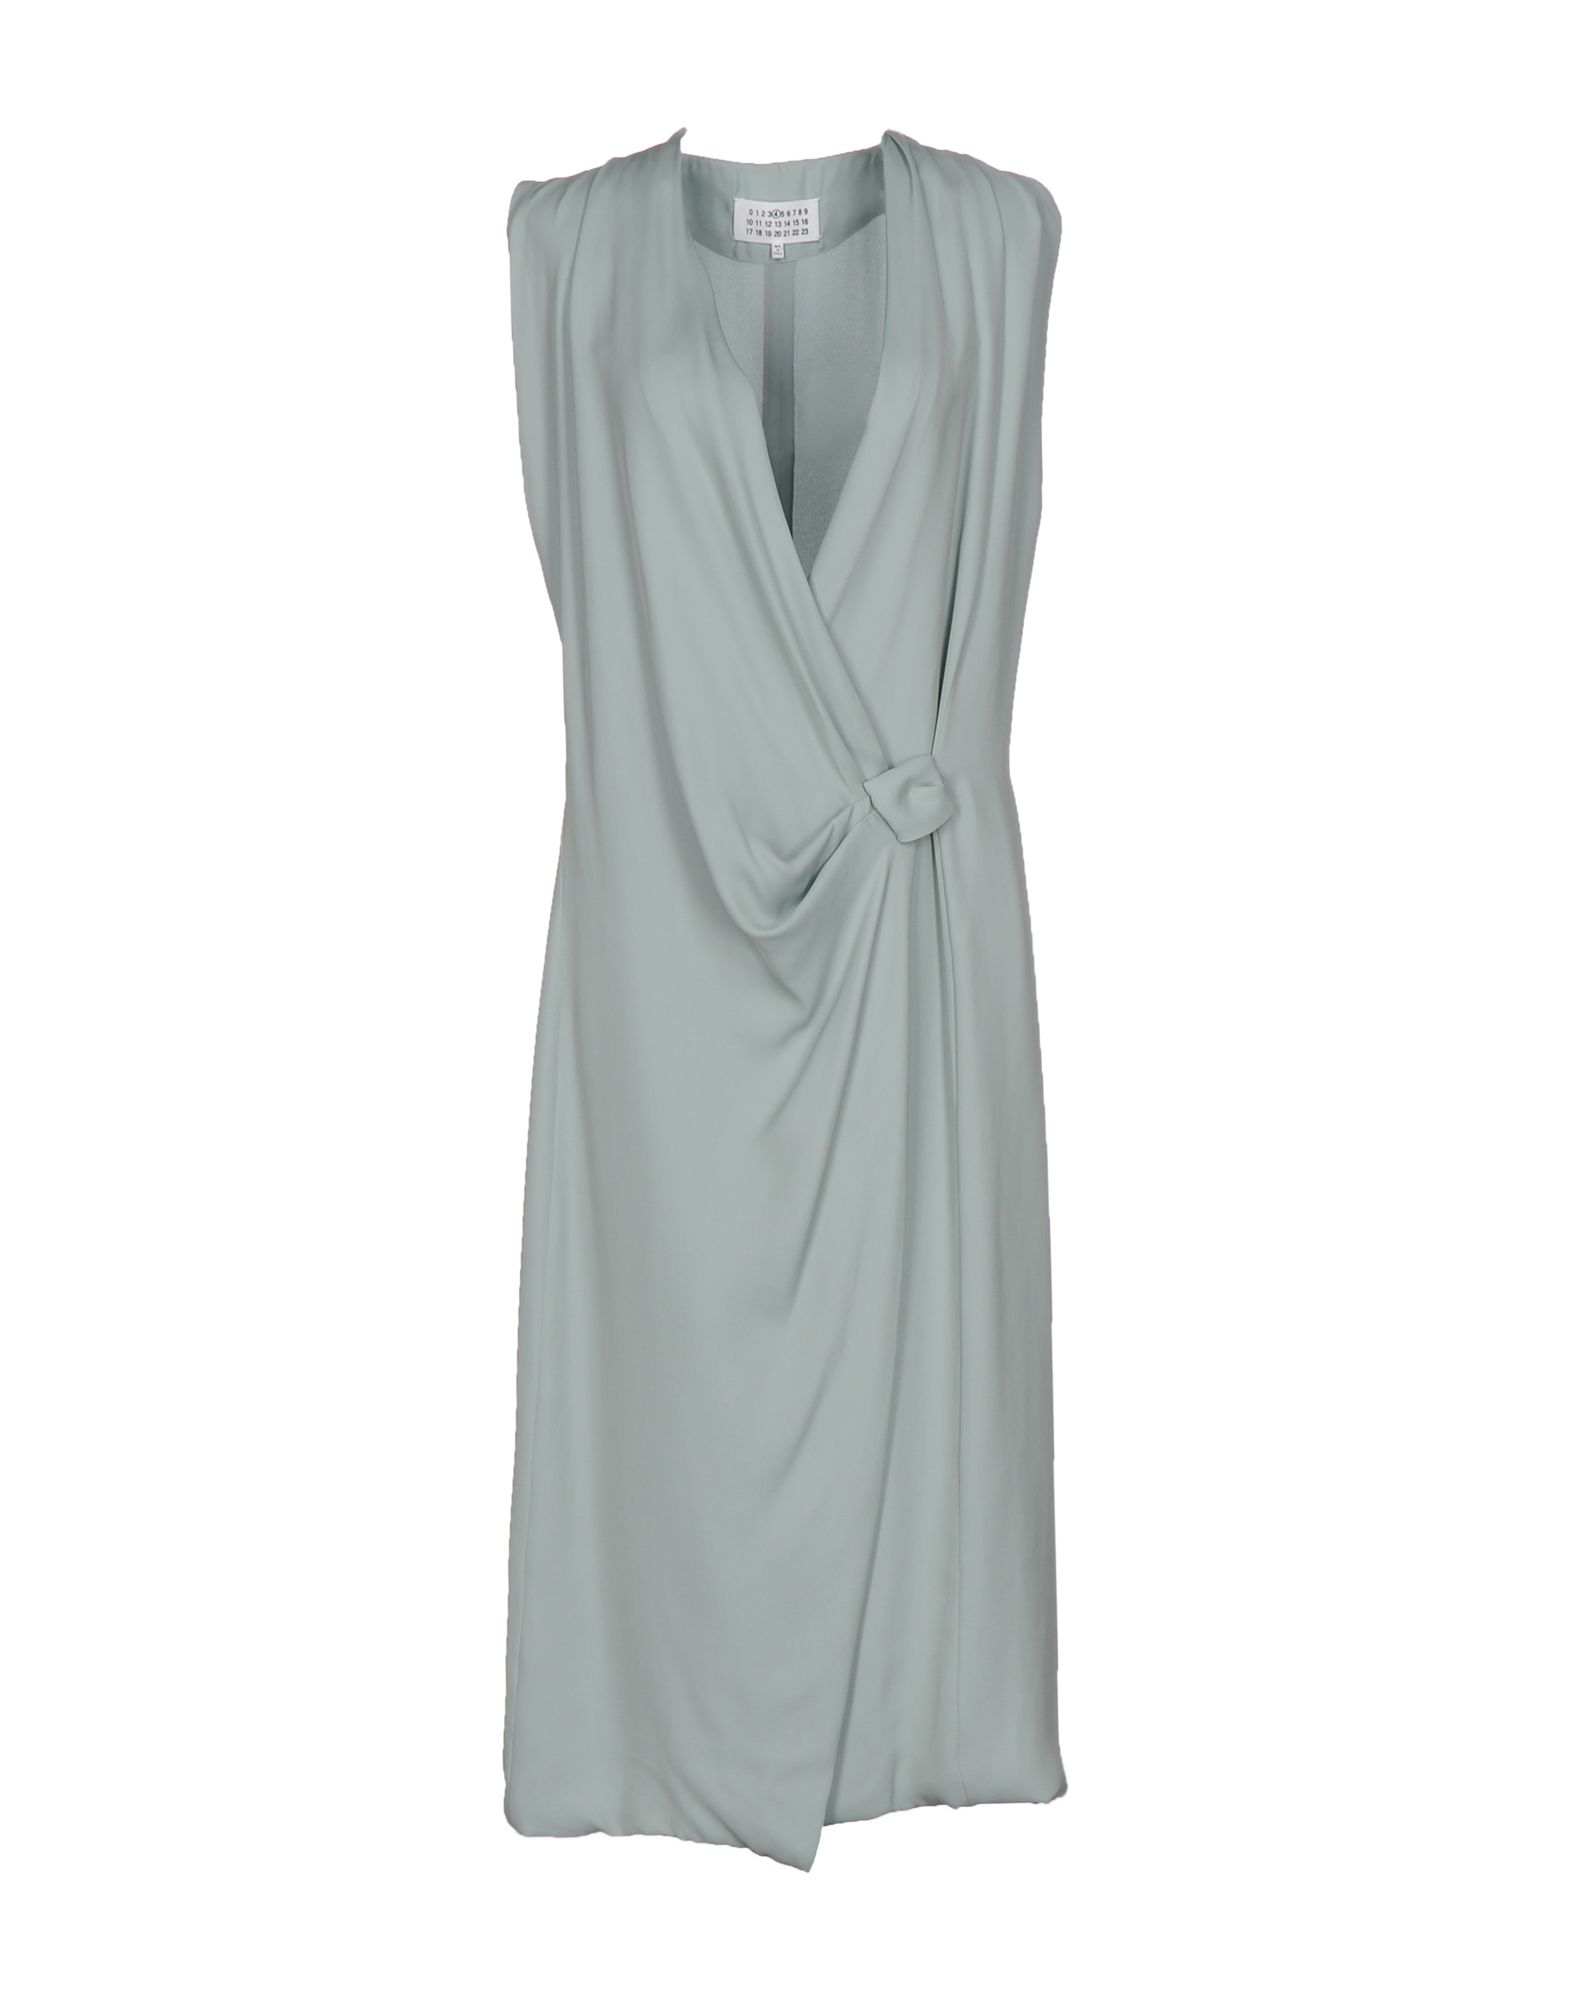 MAISON MARGIELA Платье длиной 3/4 maison margiela 1 платье длиной 3 4